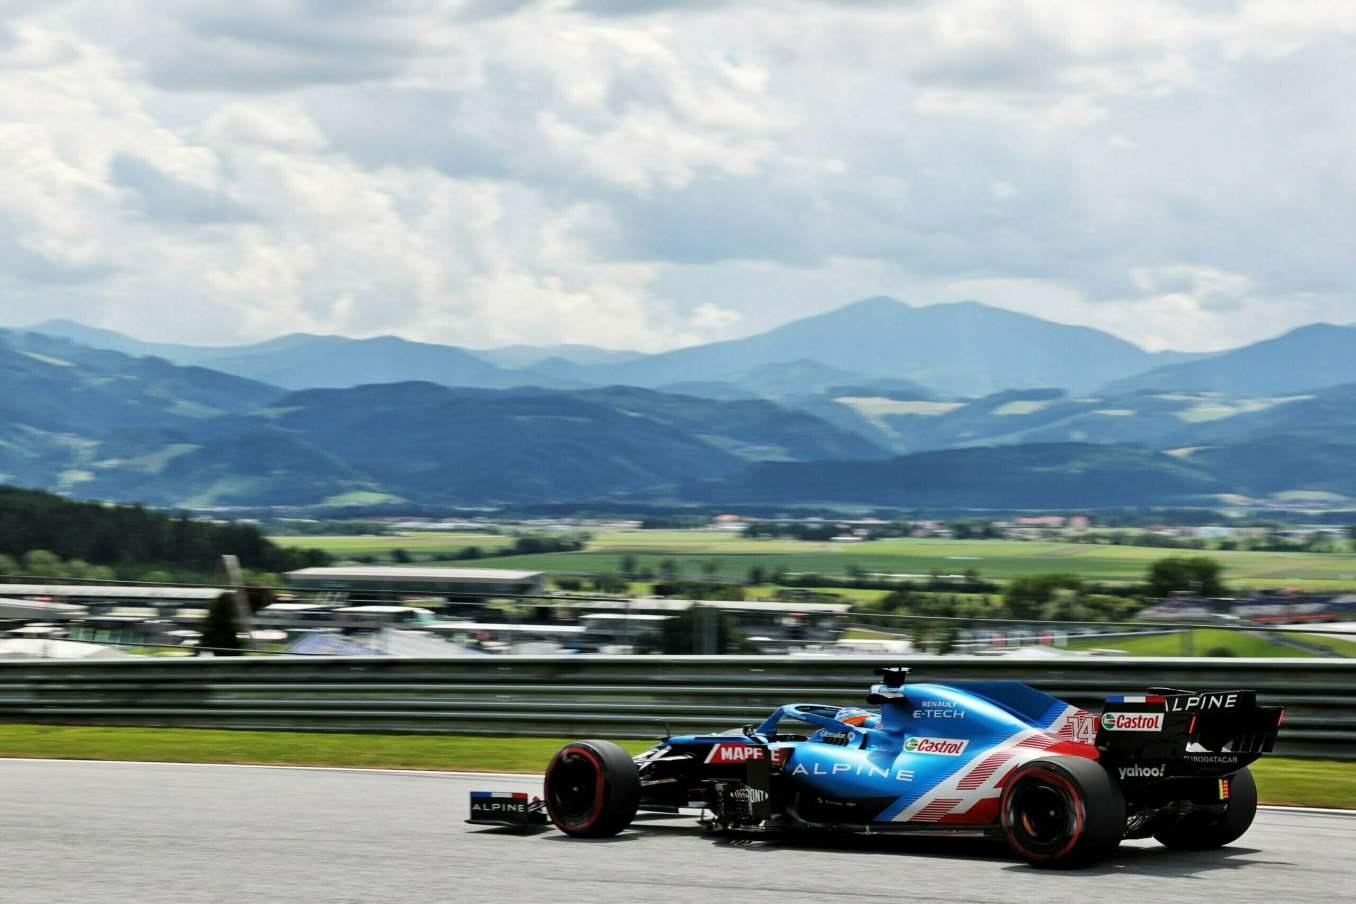 Alpine F1 Team Alonso Ocon Autriche Steiermark Grand Prix Spielberg A521 2021 17 scaled | Alpine F1 : Alonso réitère la Q3 et Ocon trébuche en Q1 à Spielberg